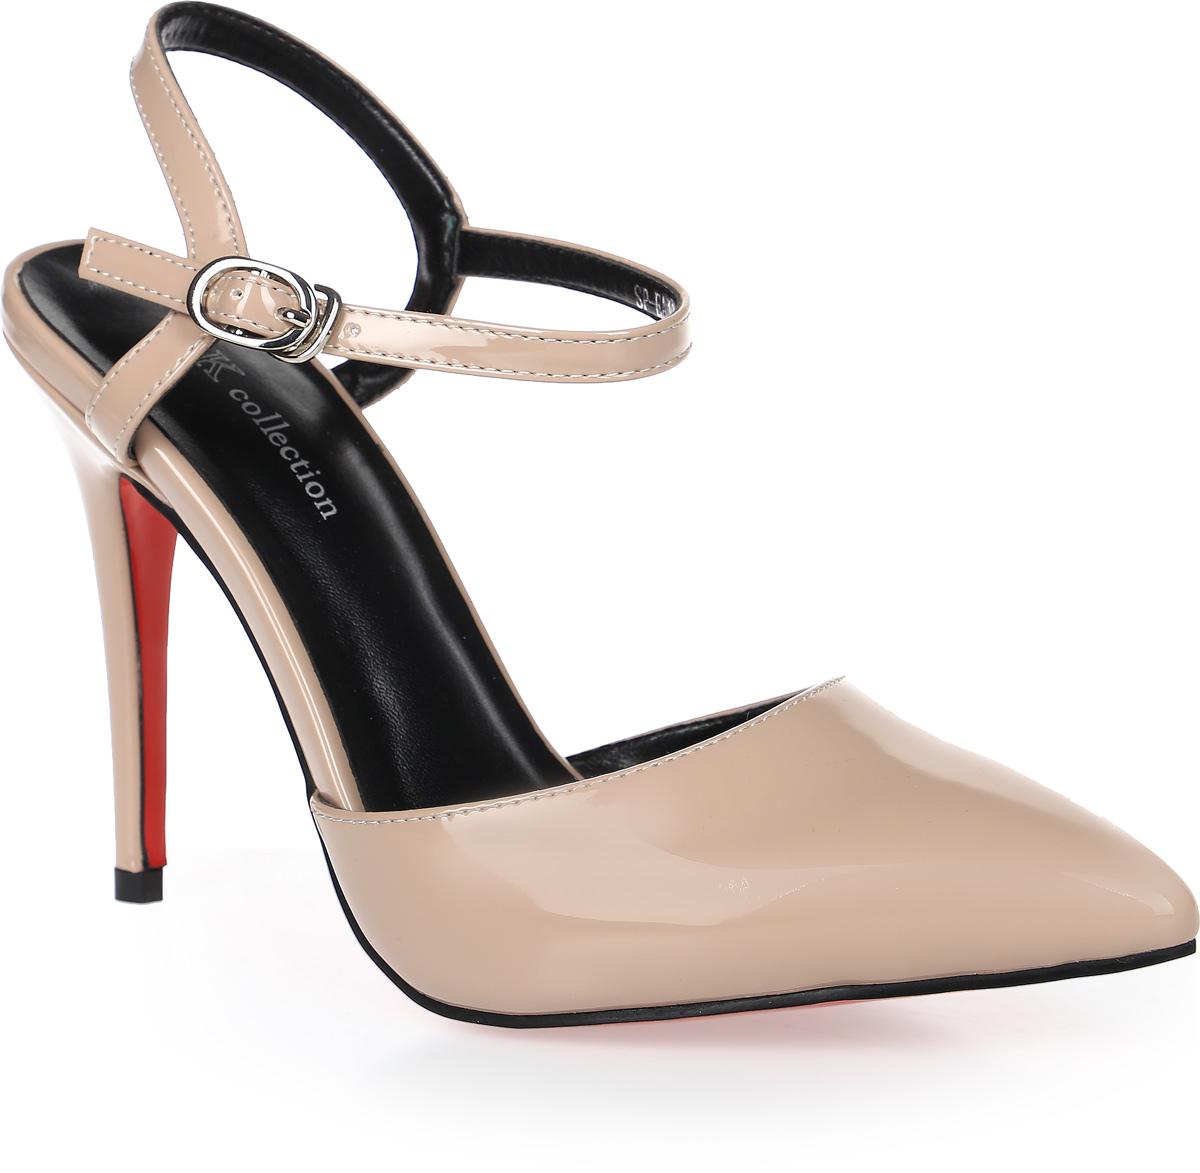 Туфли женские LK Collection, цвет: бежевый. SP-EA1901-2 PU (SP-E20001-4). Размер 35SP-EA1901-2 PU (SP-E20001-4)Стильные туфли-лодочки с открытой пяткой на высокой шпильке выполнены из искусственной кожи. Стелька выполнена из натуральной кожи.